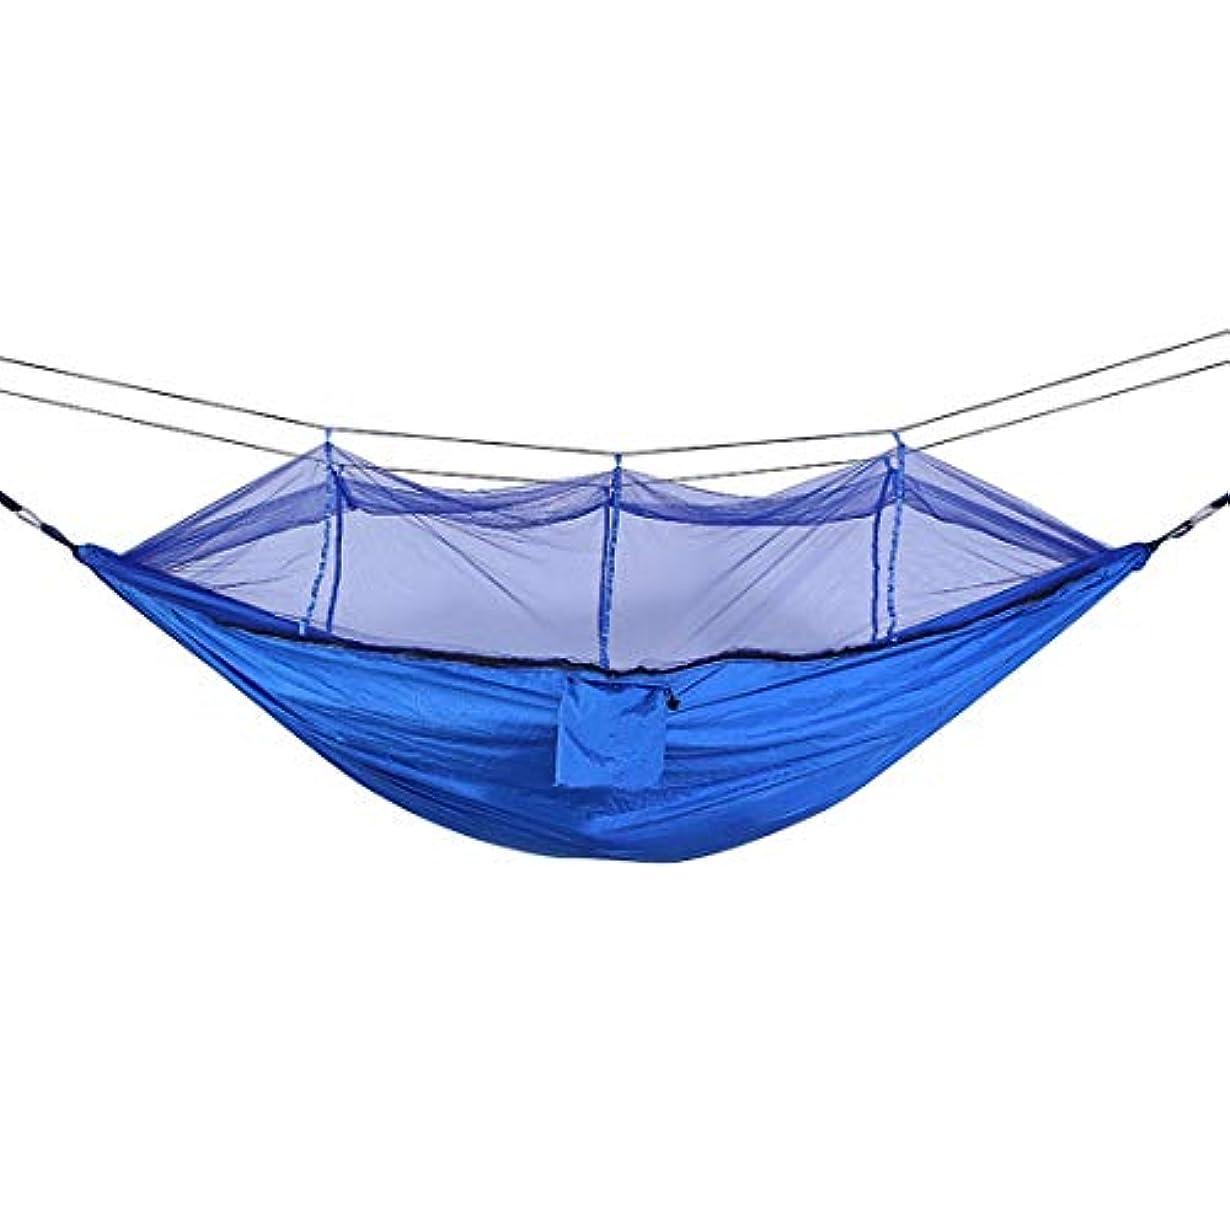 体系的に狂気民間Kainuoo 屋外キャンプテントハンモック蚊帳超軽量ナイロンアンチロールオーバーダブルハンモック